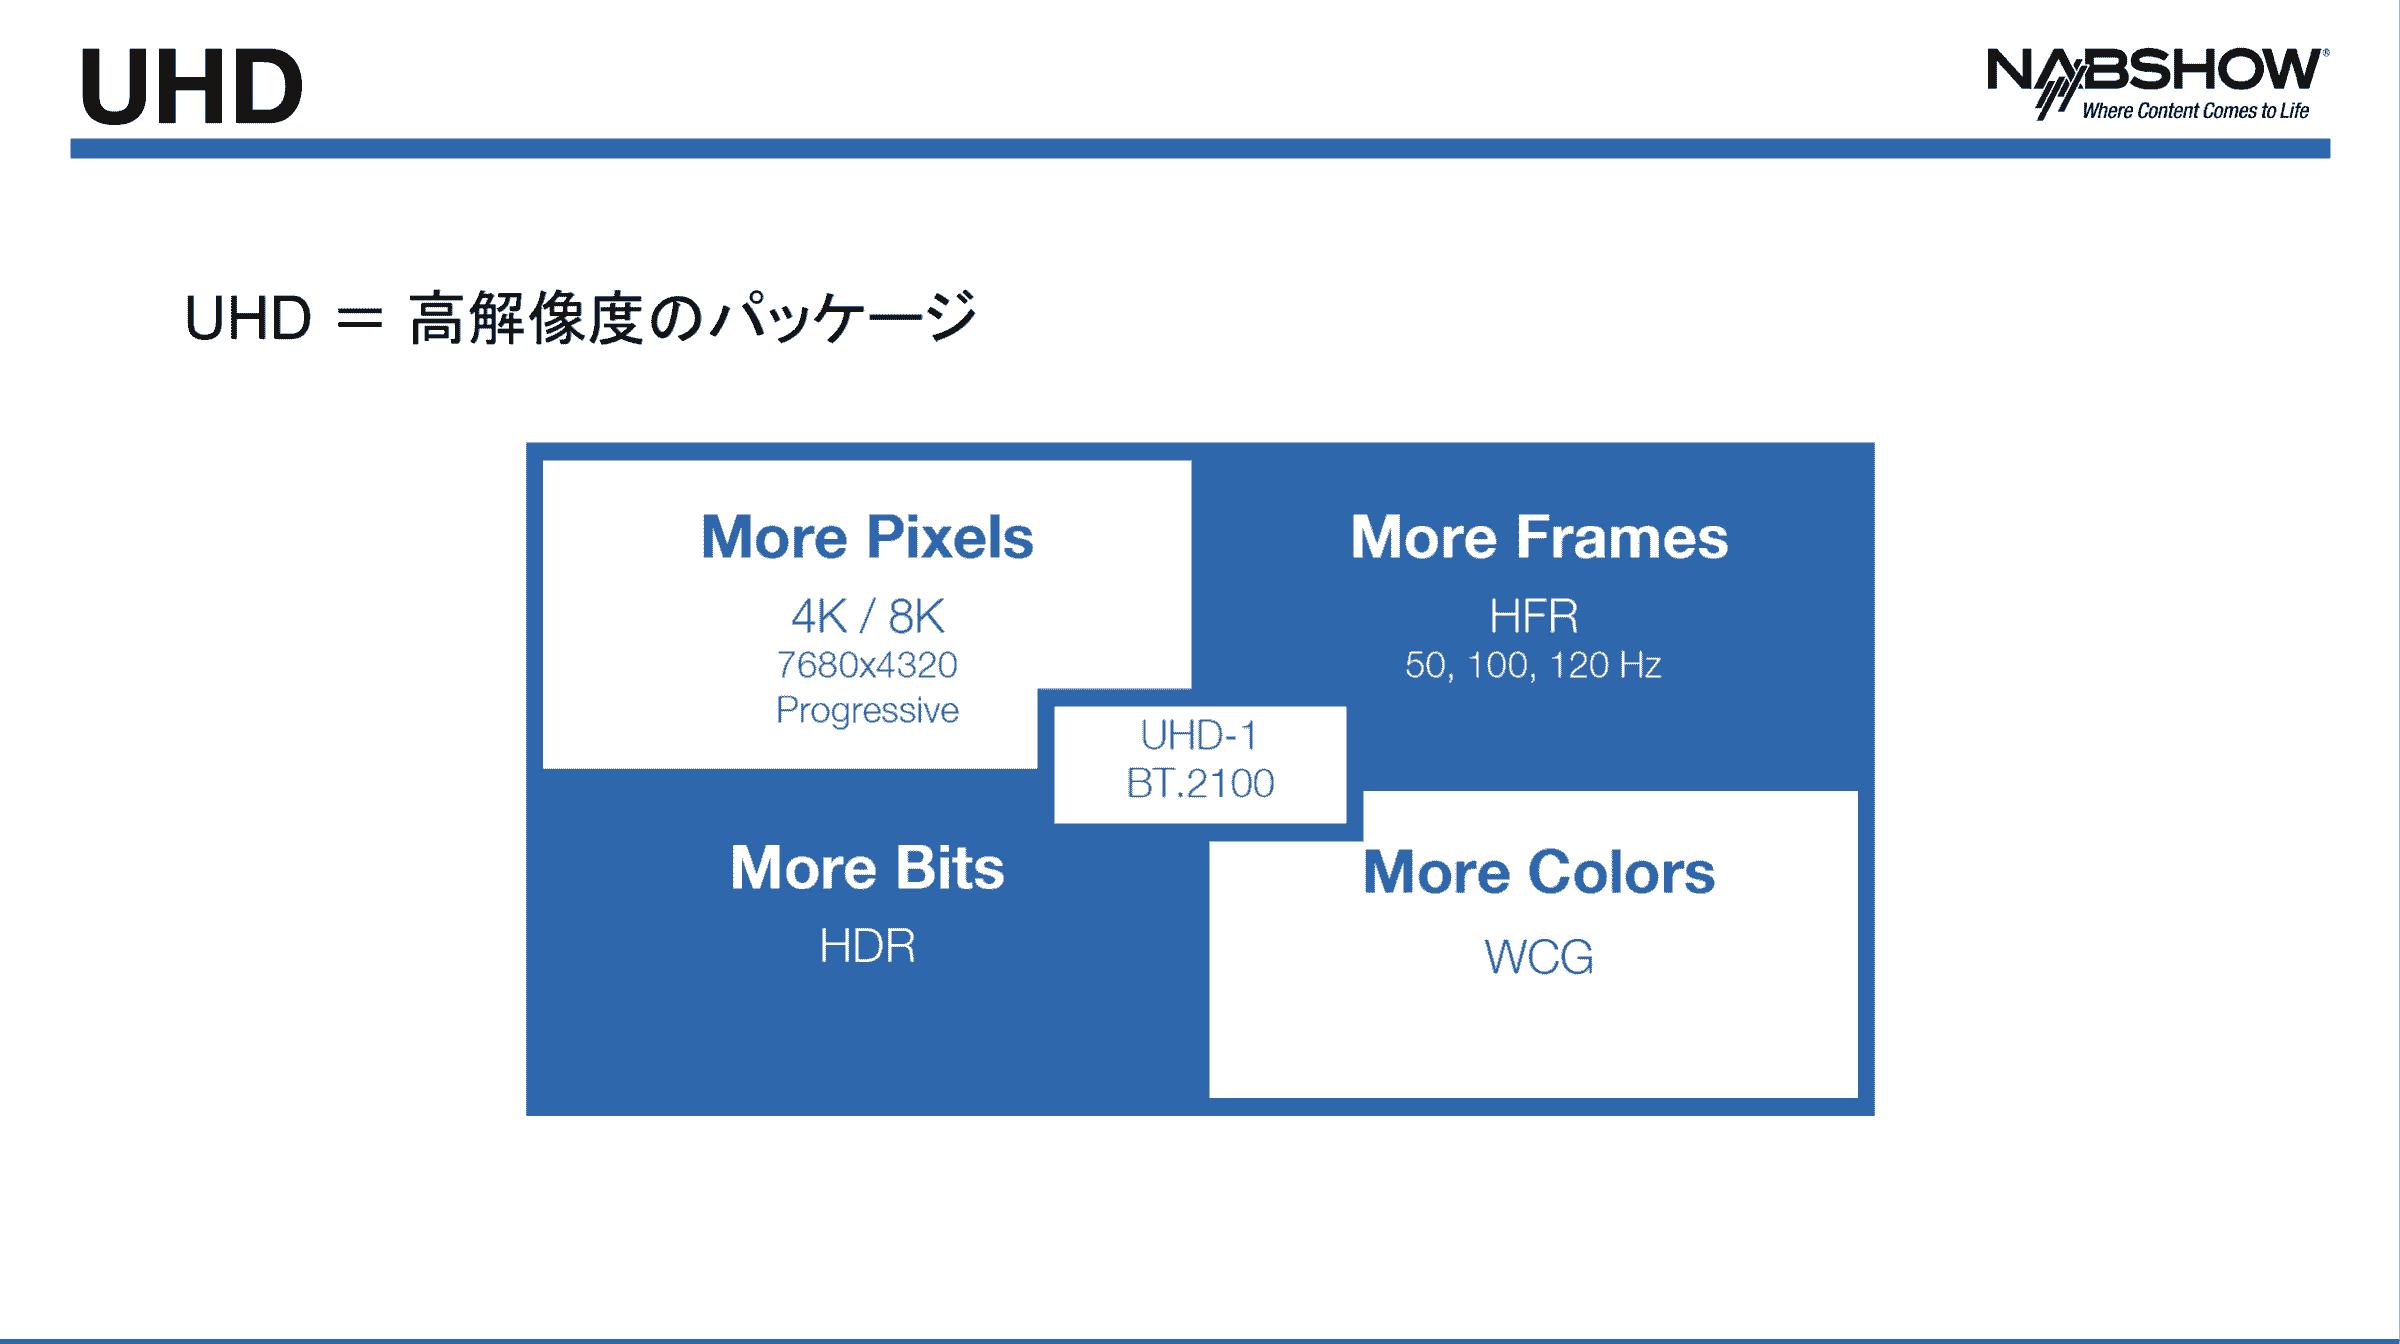 UHD に関するレポートのスライド